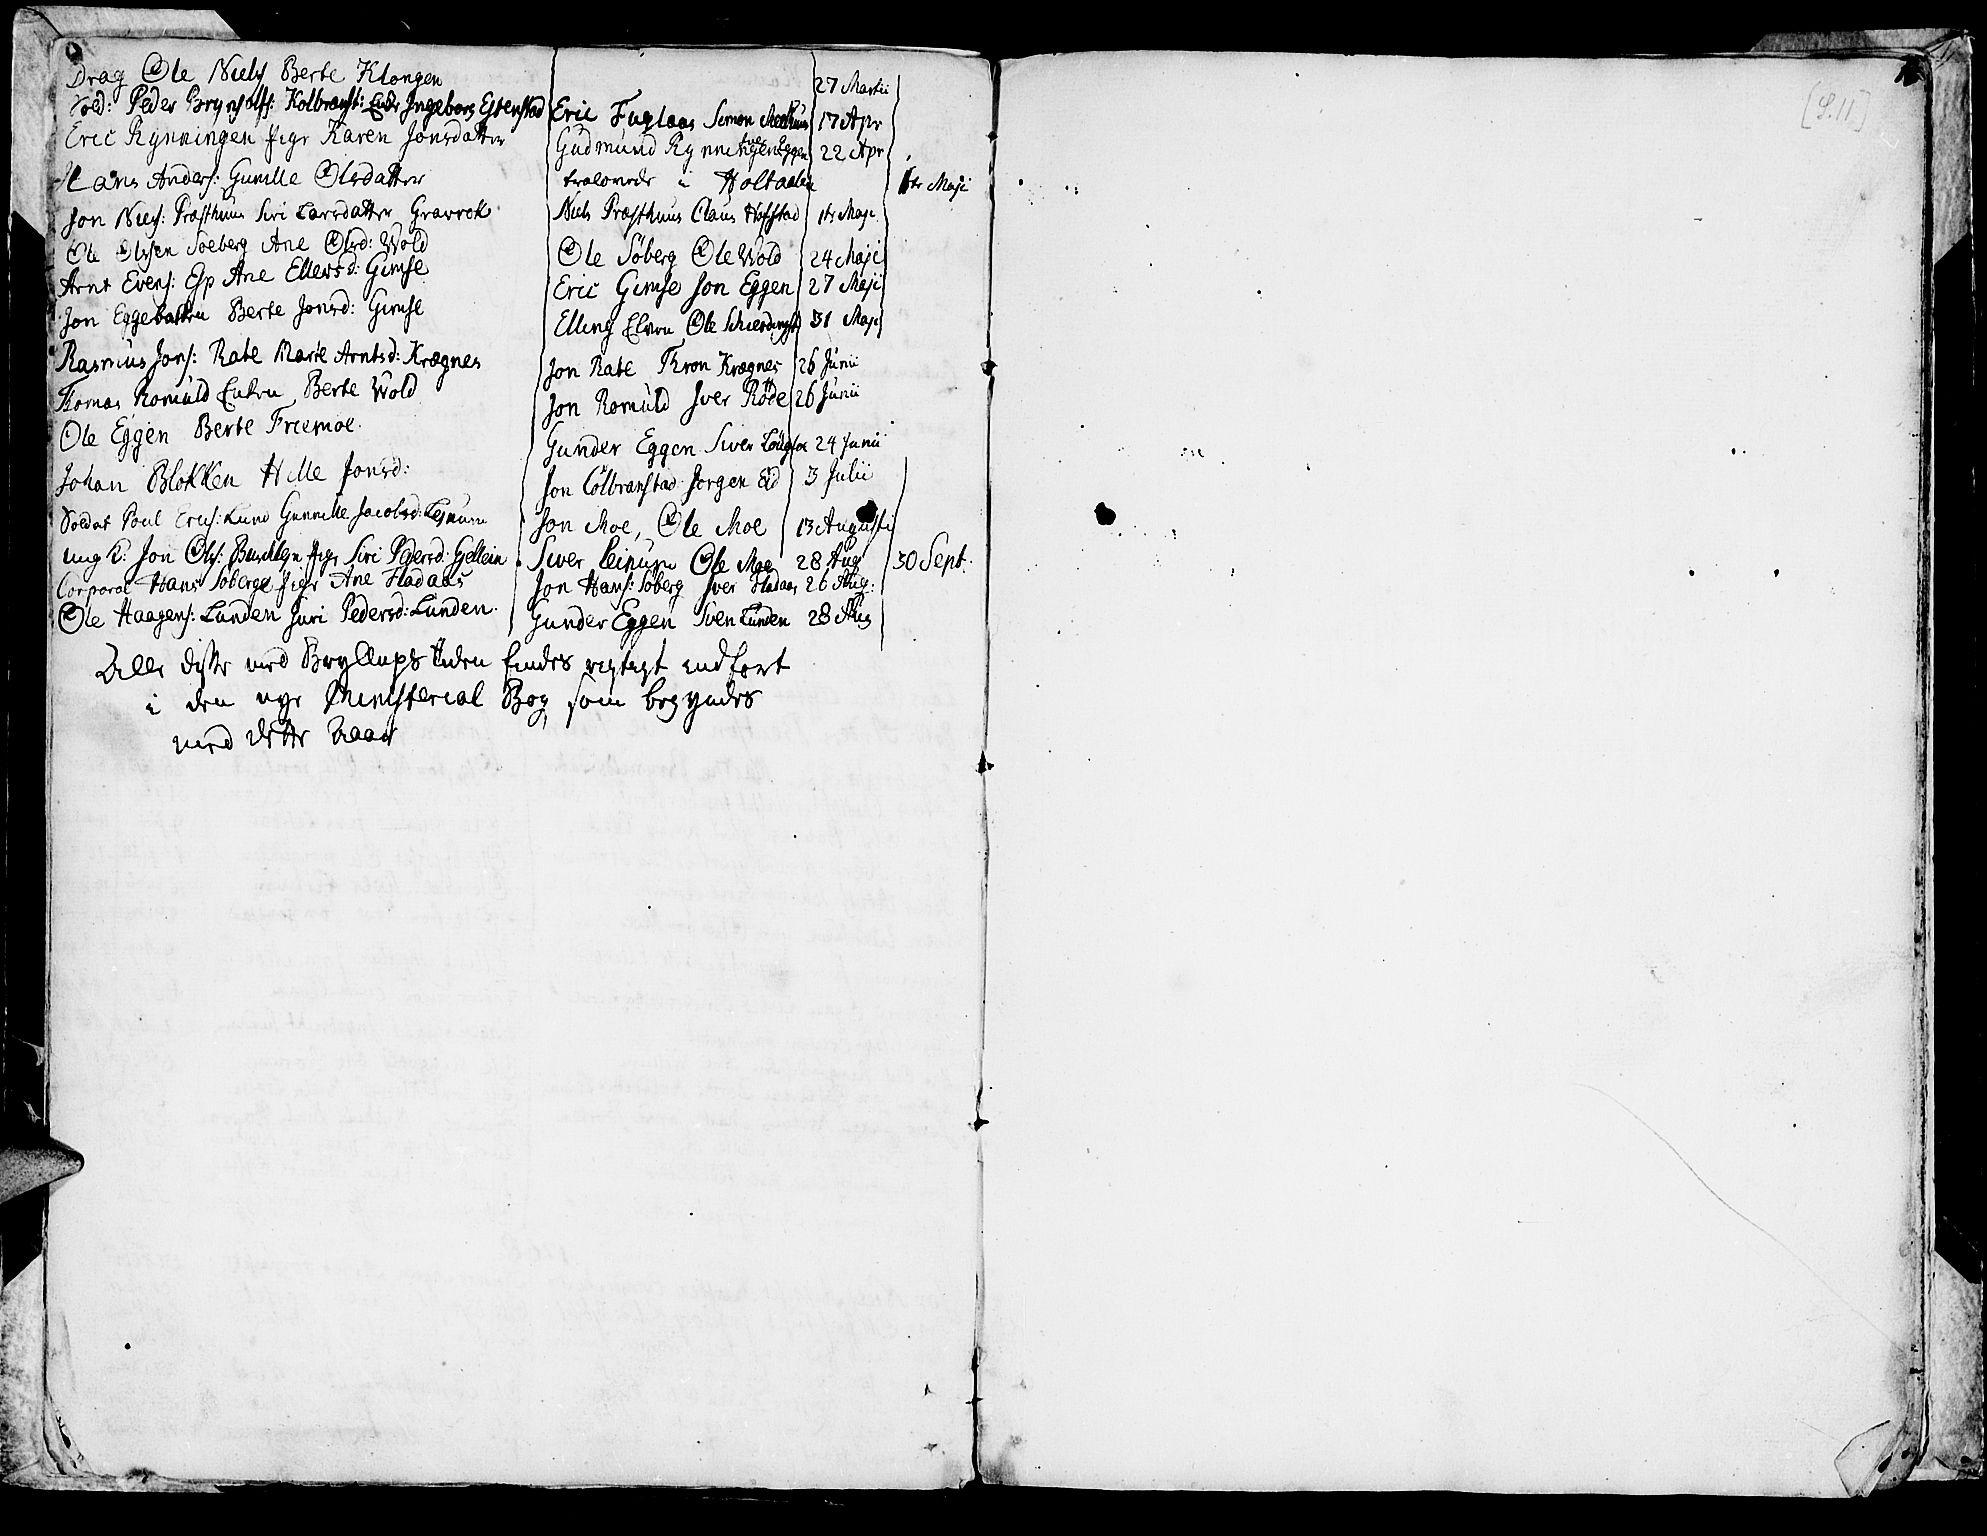 SAT, Ministerialprotokoller, klokkerbøker og fødselsregistre - Sør-Trøndelag, 691/L1057: Ministerialbok nr. 691A01 /1, 1740-1767, s. 11